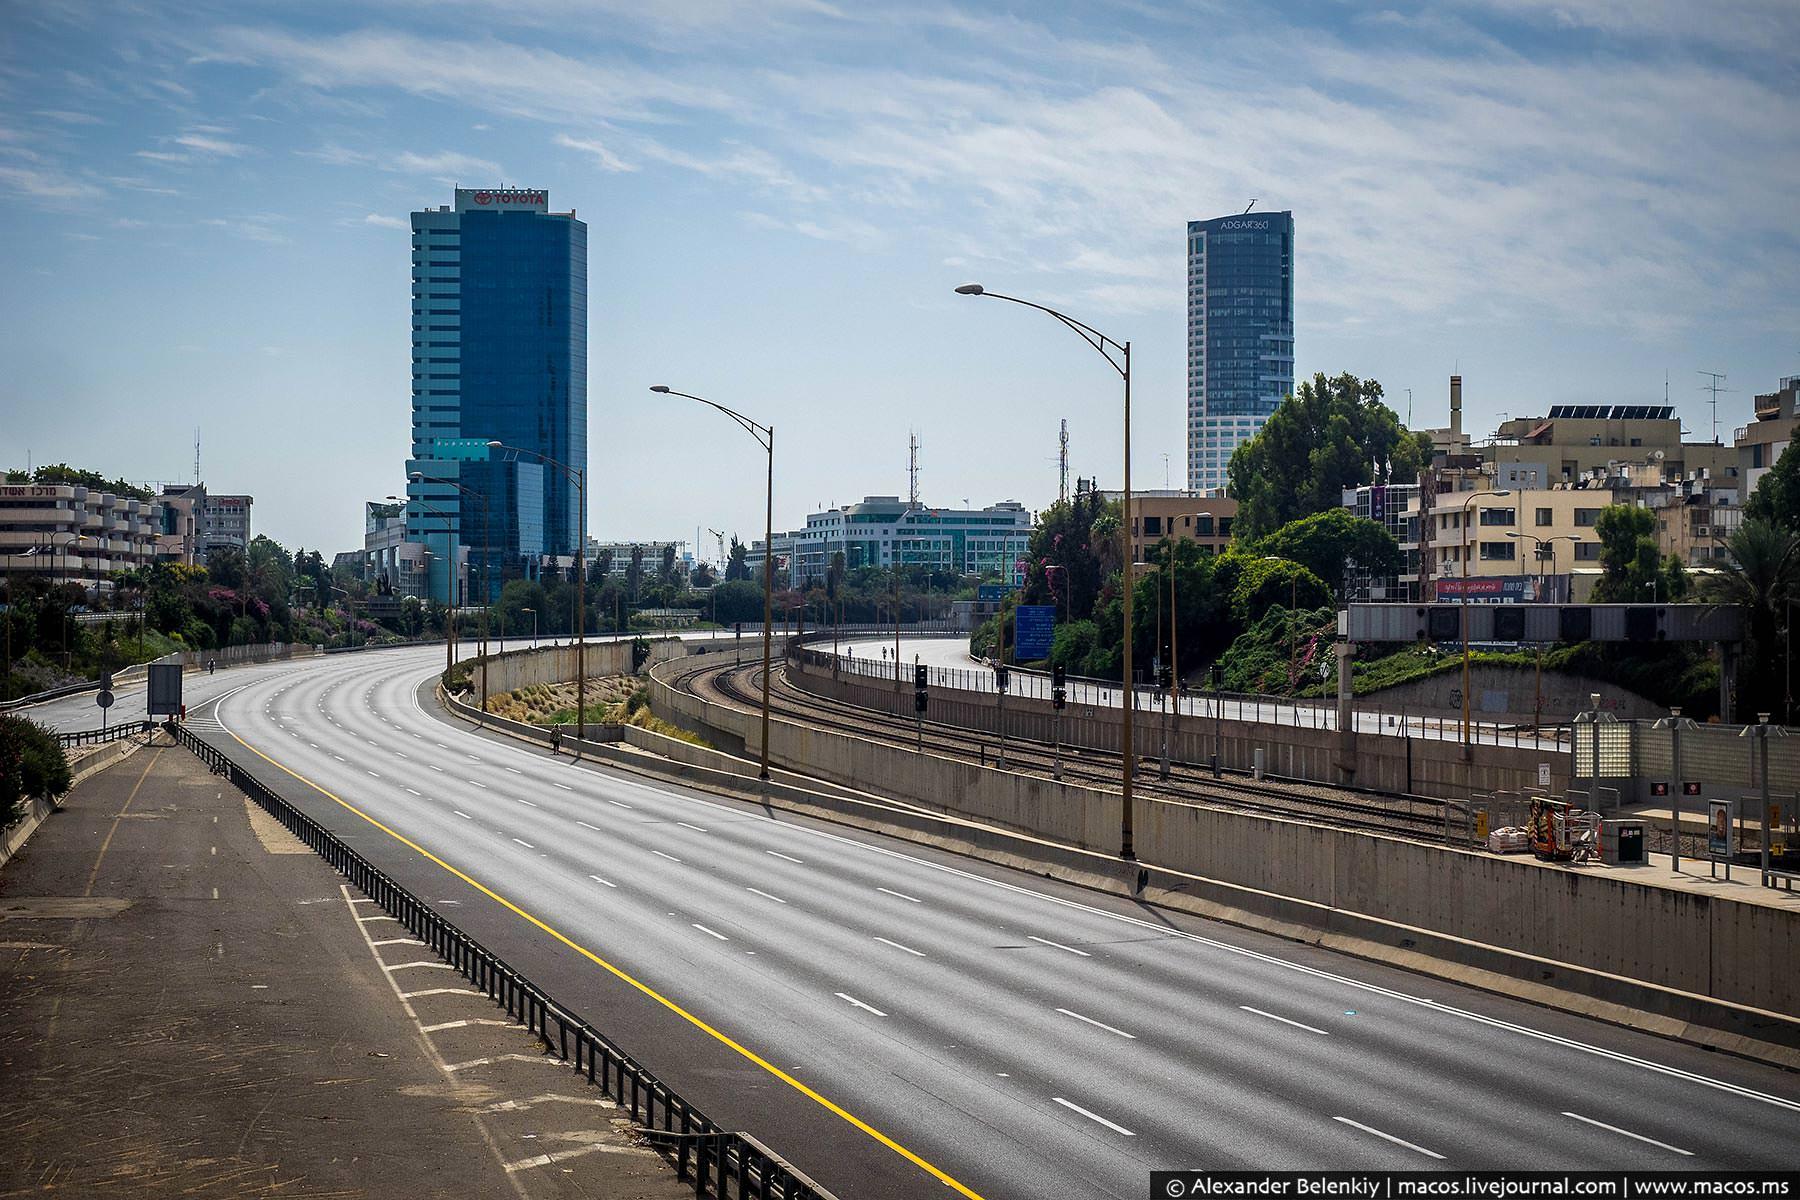 Невероятно! По этому шоссе проносятся десятки тысяч машин в день, а сегодня оно совершенно пусто.